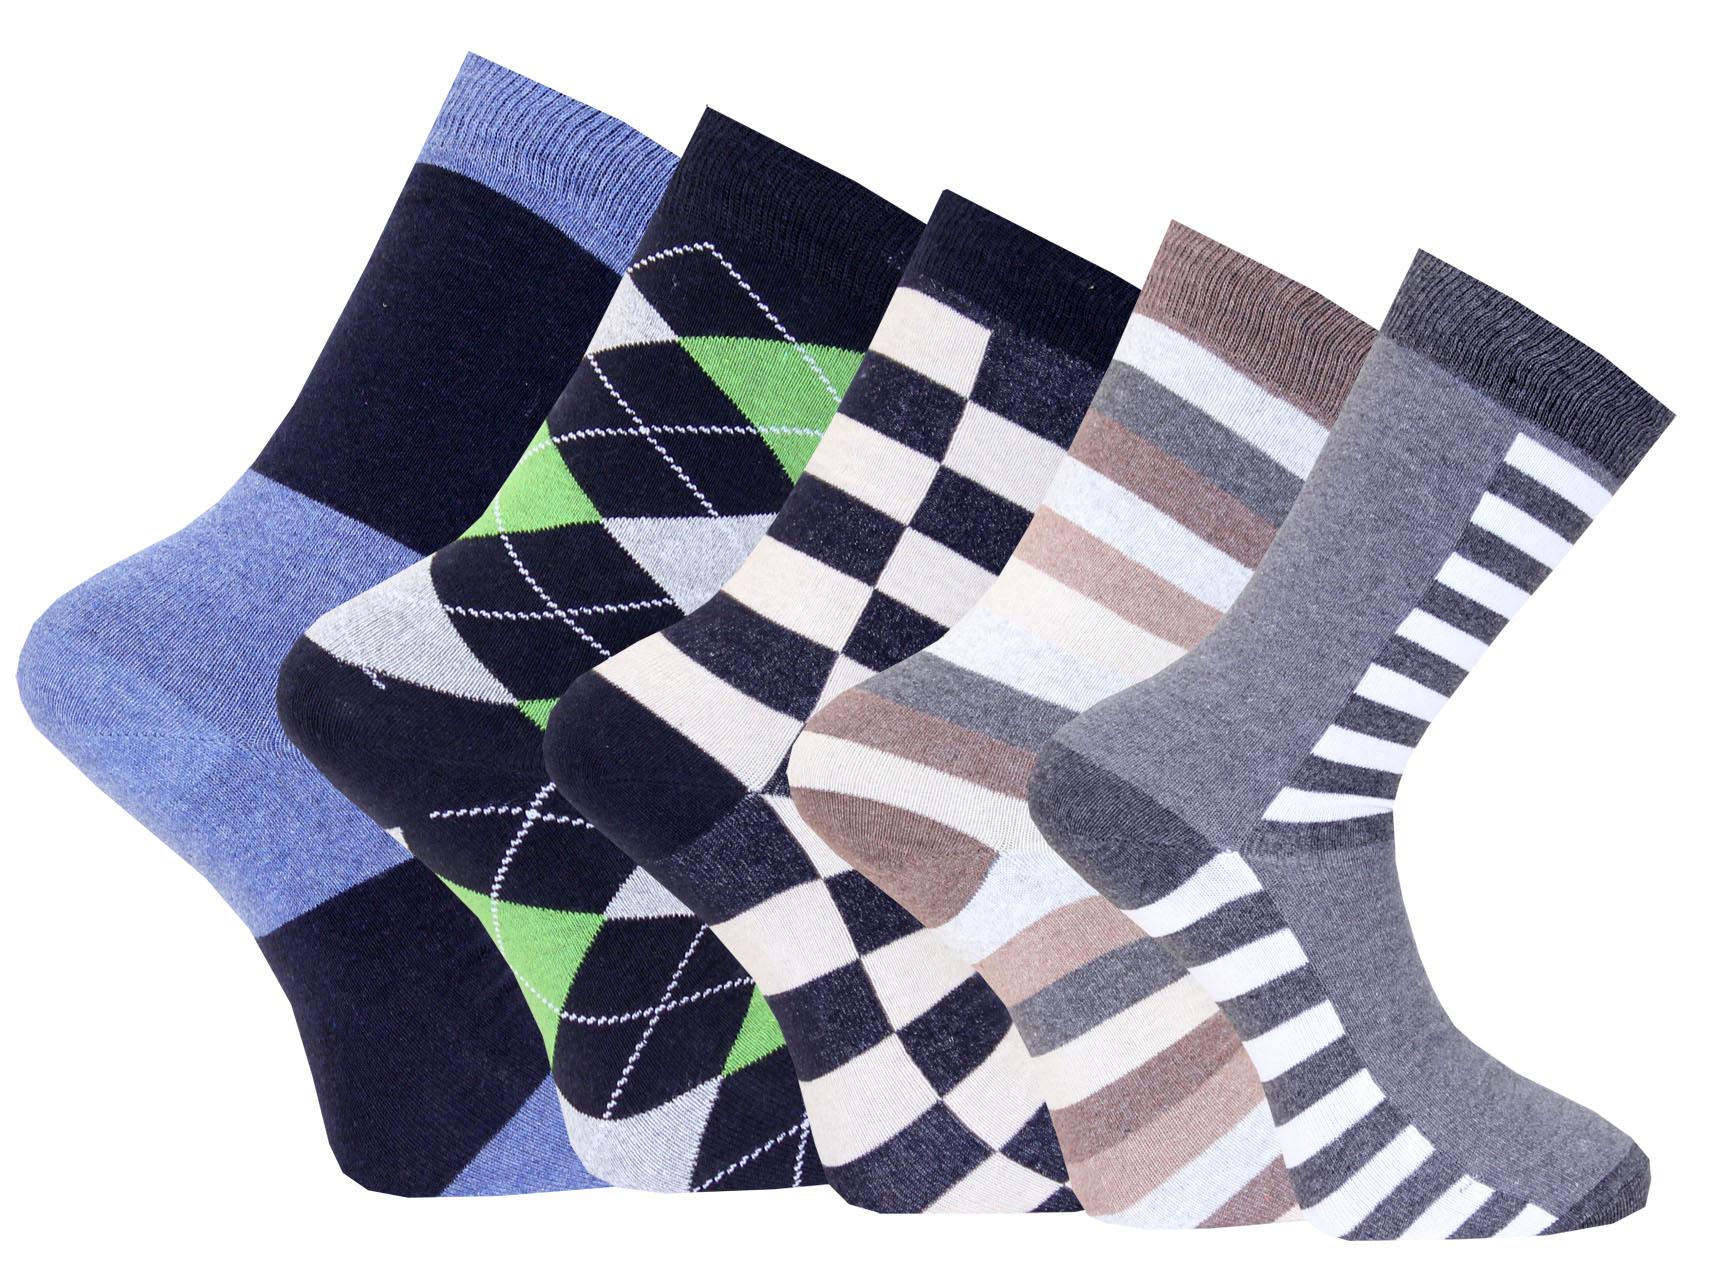 Bestel 2x een multi-pack sokken en profiteer van 5 euro extra voordeel! 5-pack sokken van het Zweedse merk Capital in diverse kleuren, gemaakt van 80% katoen. 15% polyamide, 5% elastic. Maat 41 t/m 46.